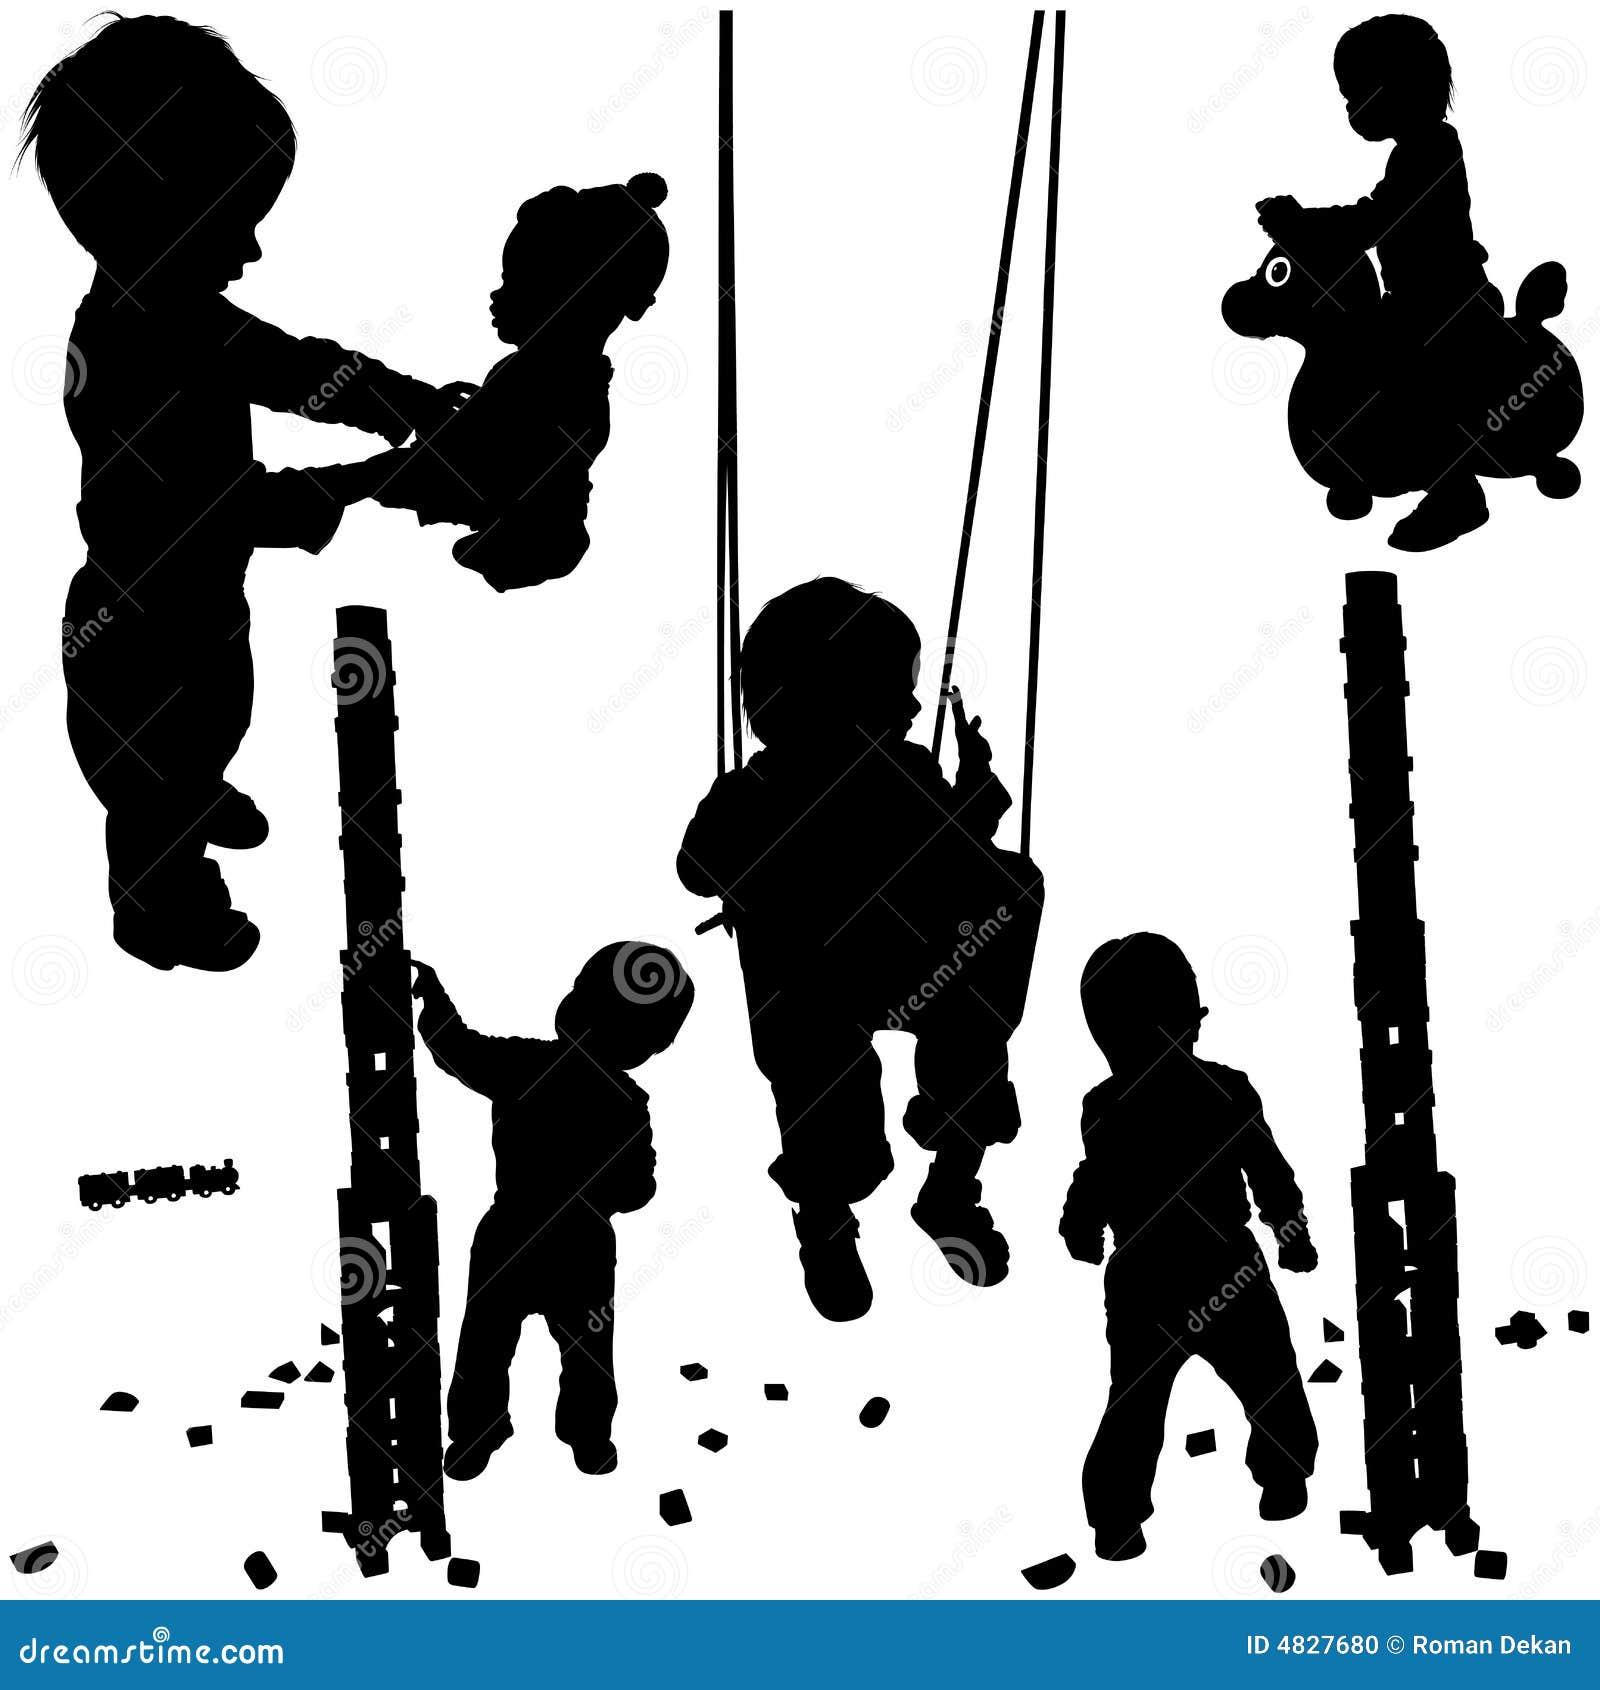 Schattenbilder 01 der kinder stockfoto bild 4827680 - Schattenbilder kinder ...